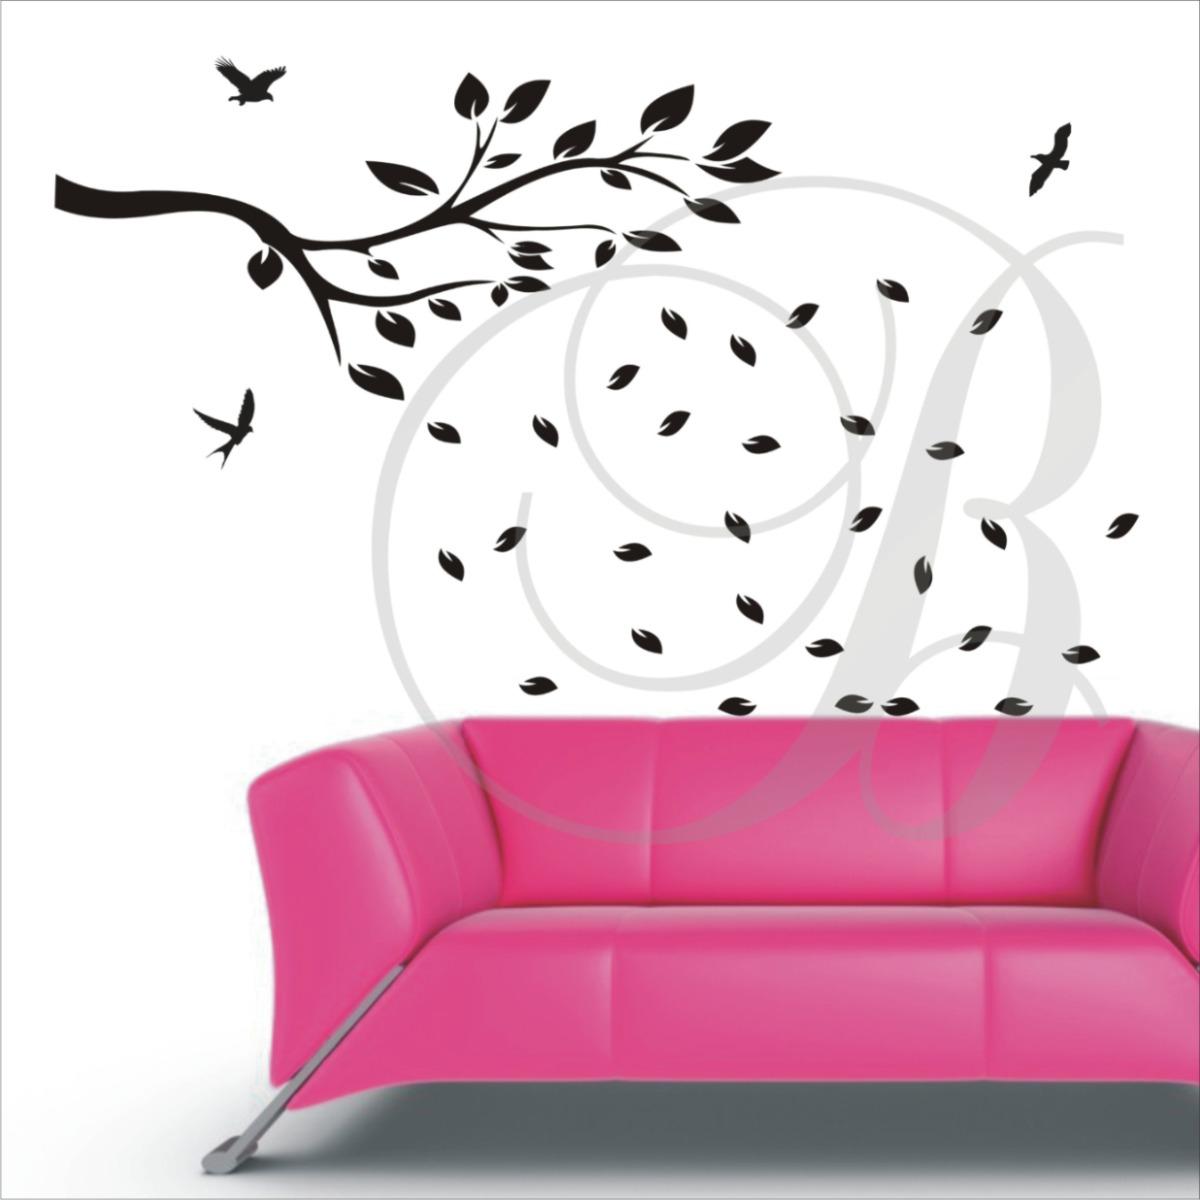 Imagens de #A82359  686527894 adesivo decorativo box parede banheiro frases e desenhos JM 1200x1200 px 2738 Box Banheiro Peixe Urbano